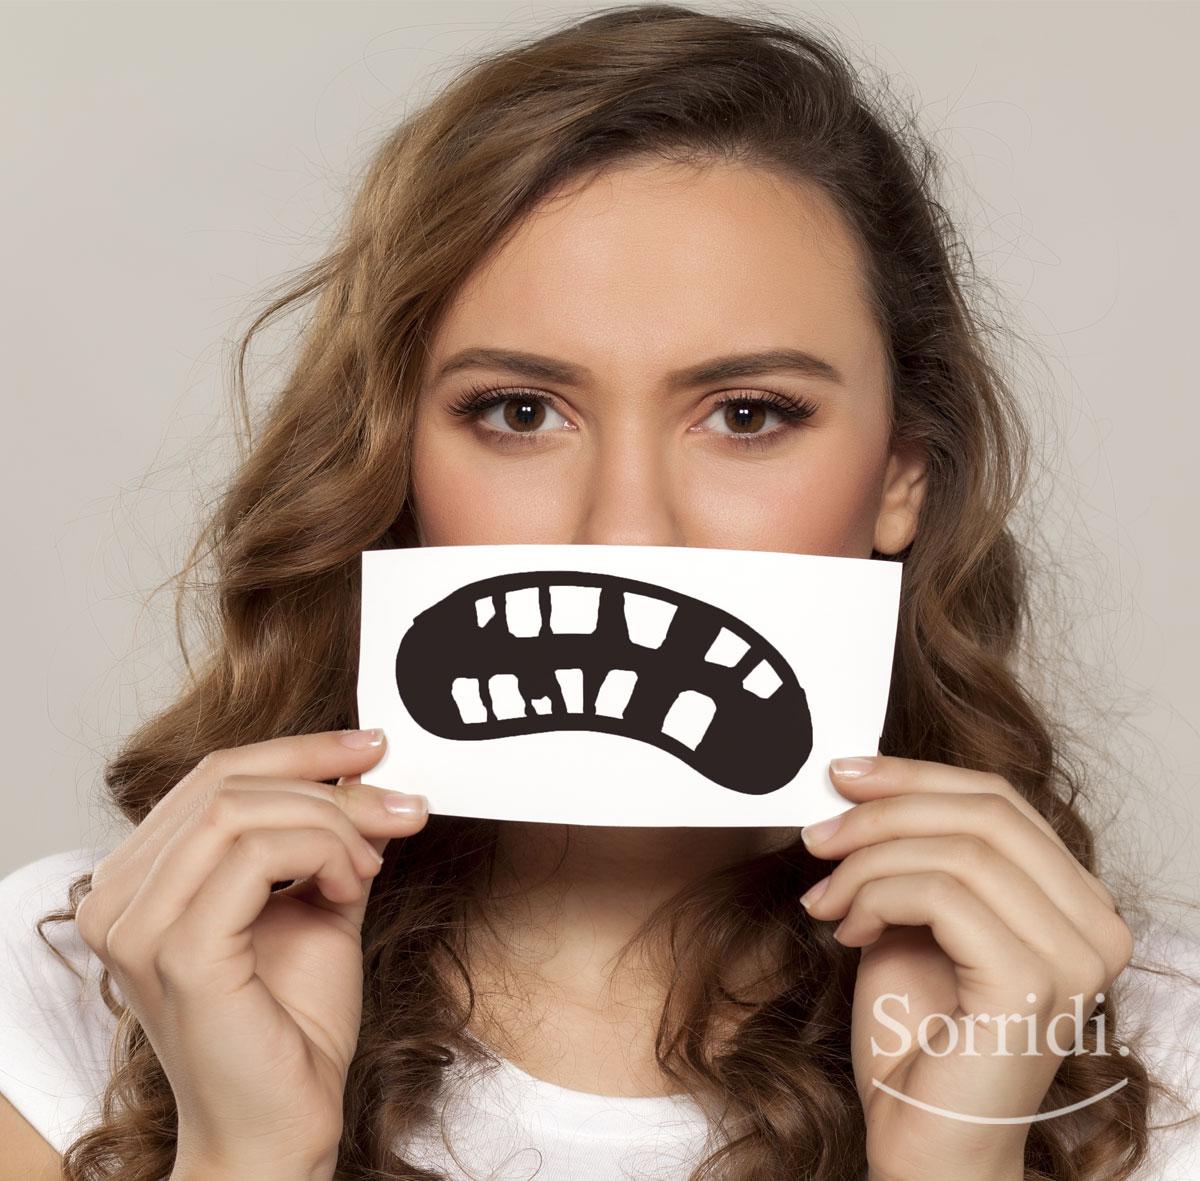 Sorridi-ch-magazine-impianto-dentale-si-o-no